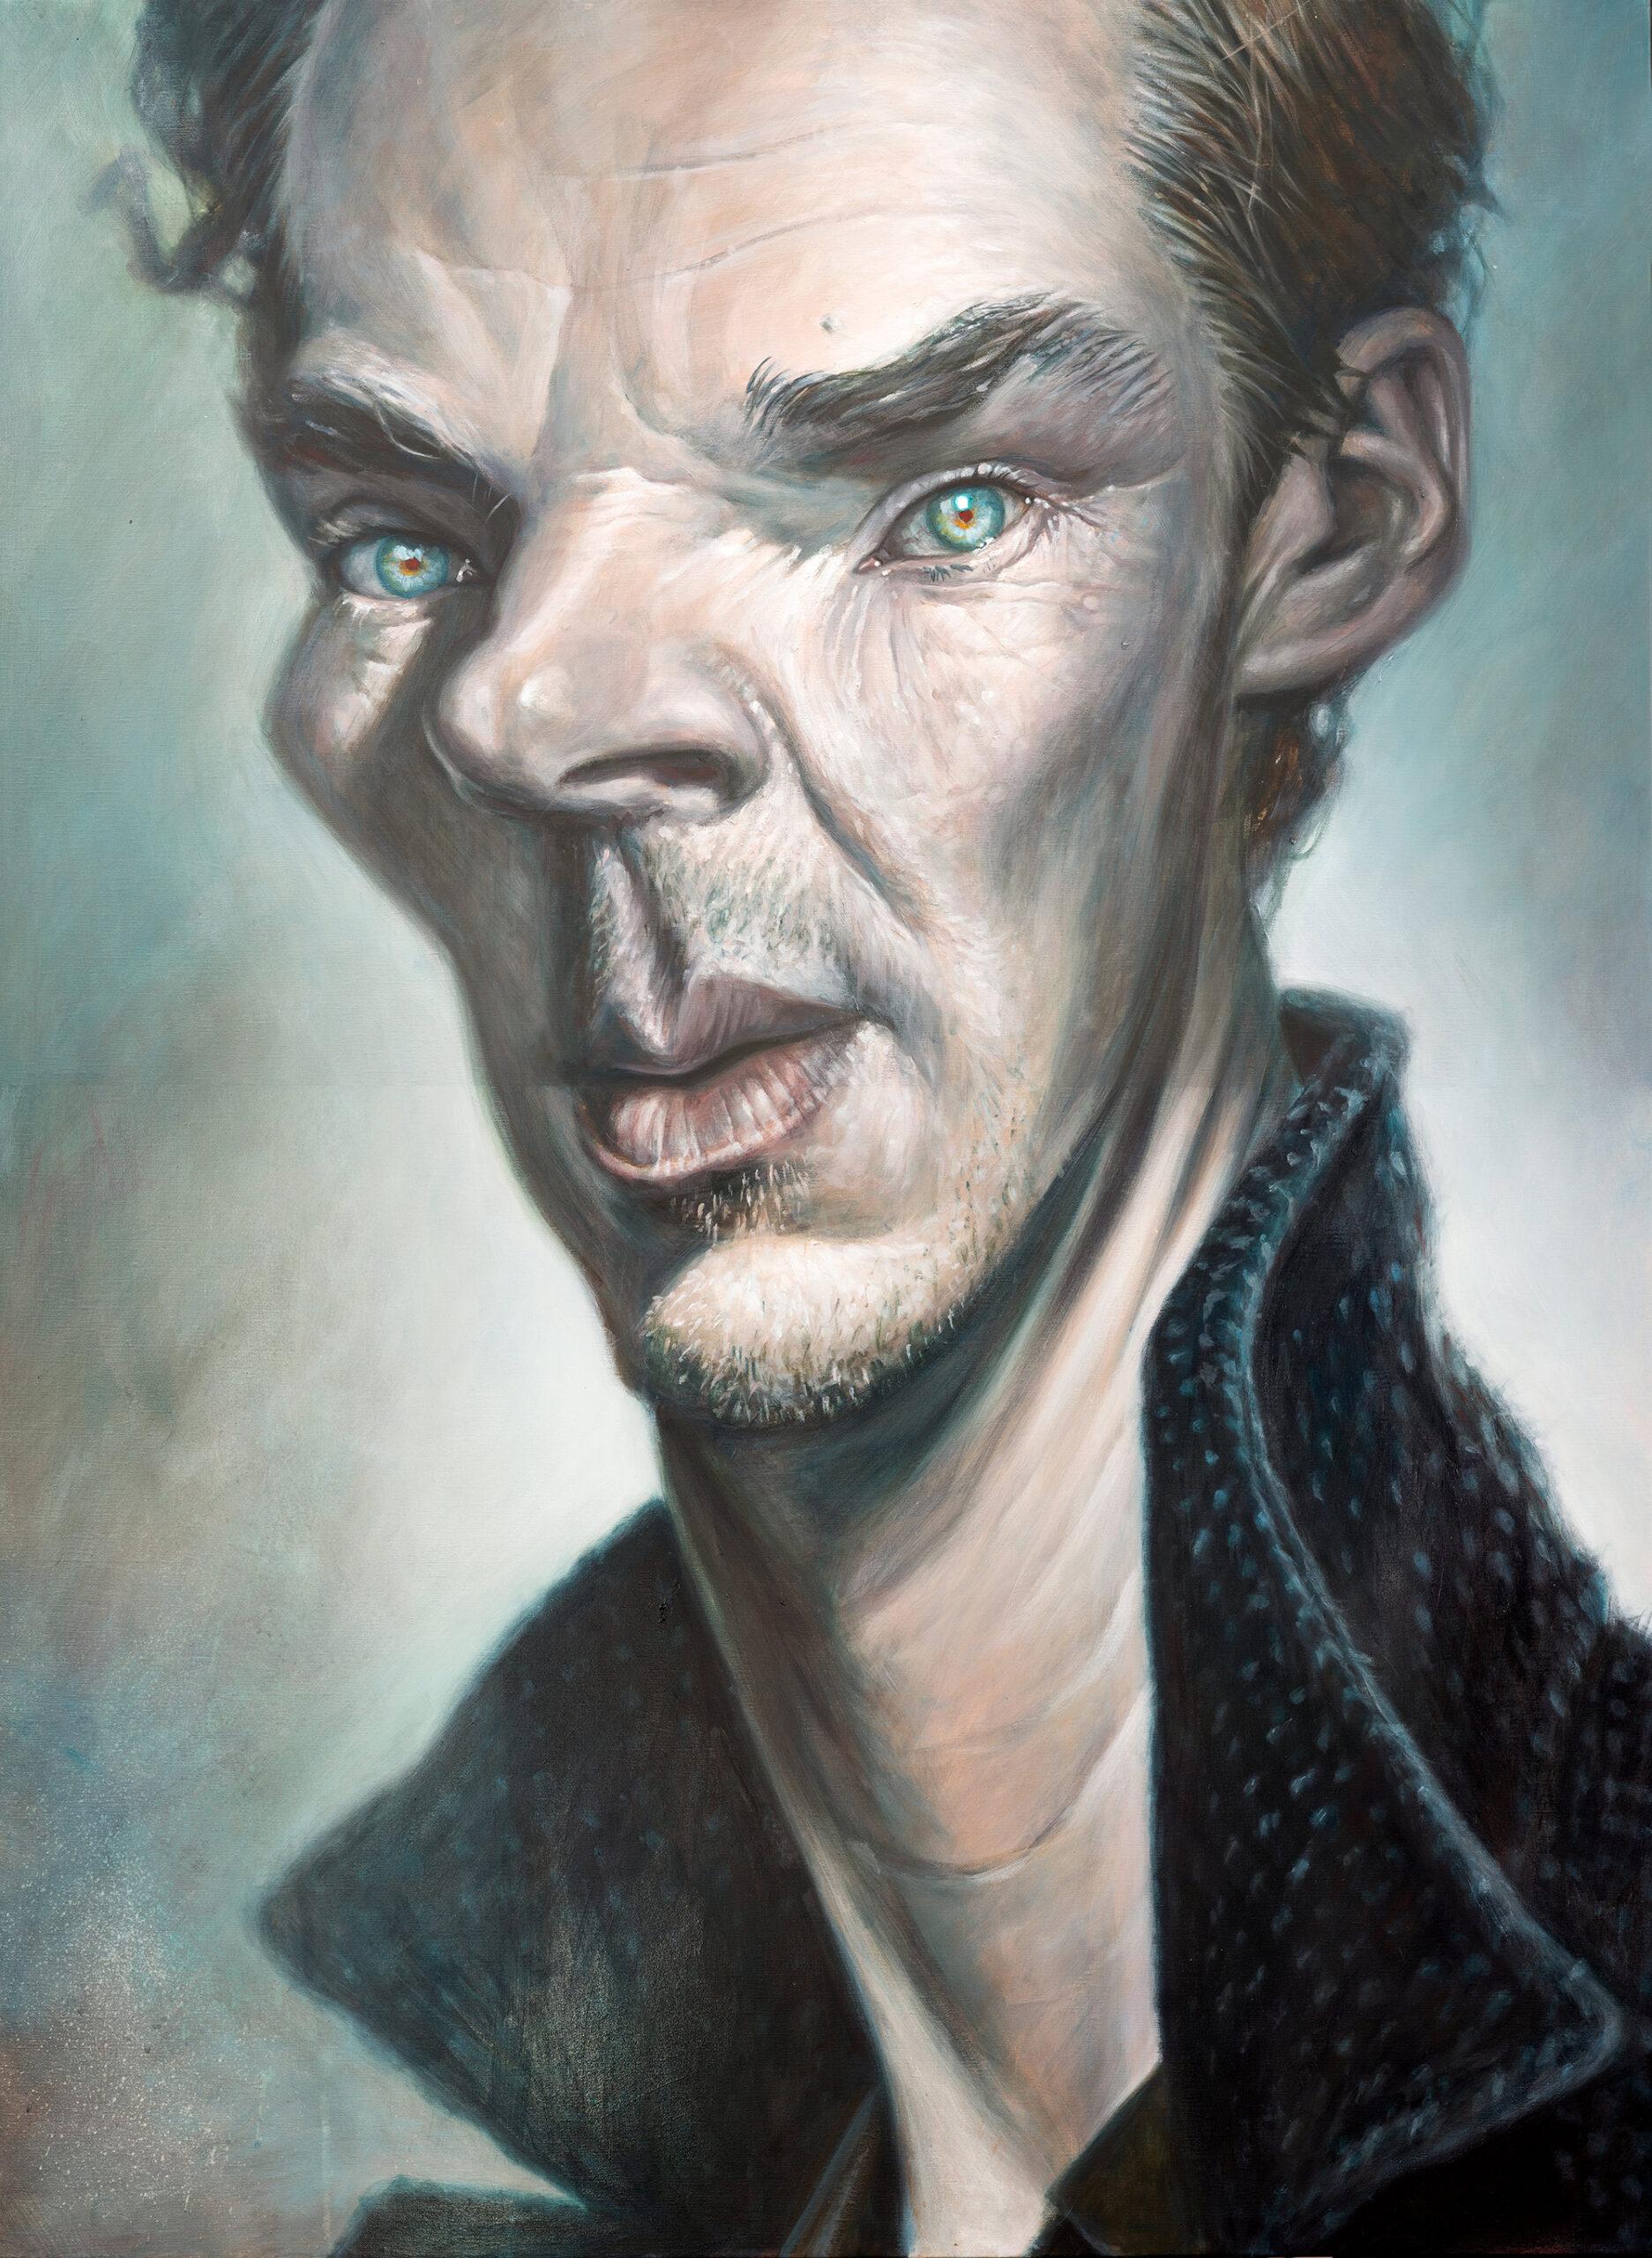 Benedict Cumberbatch portrait by Derren Brown